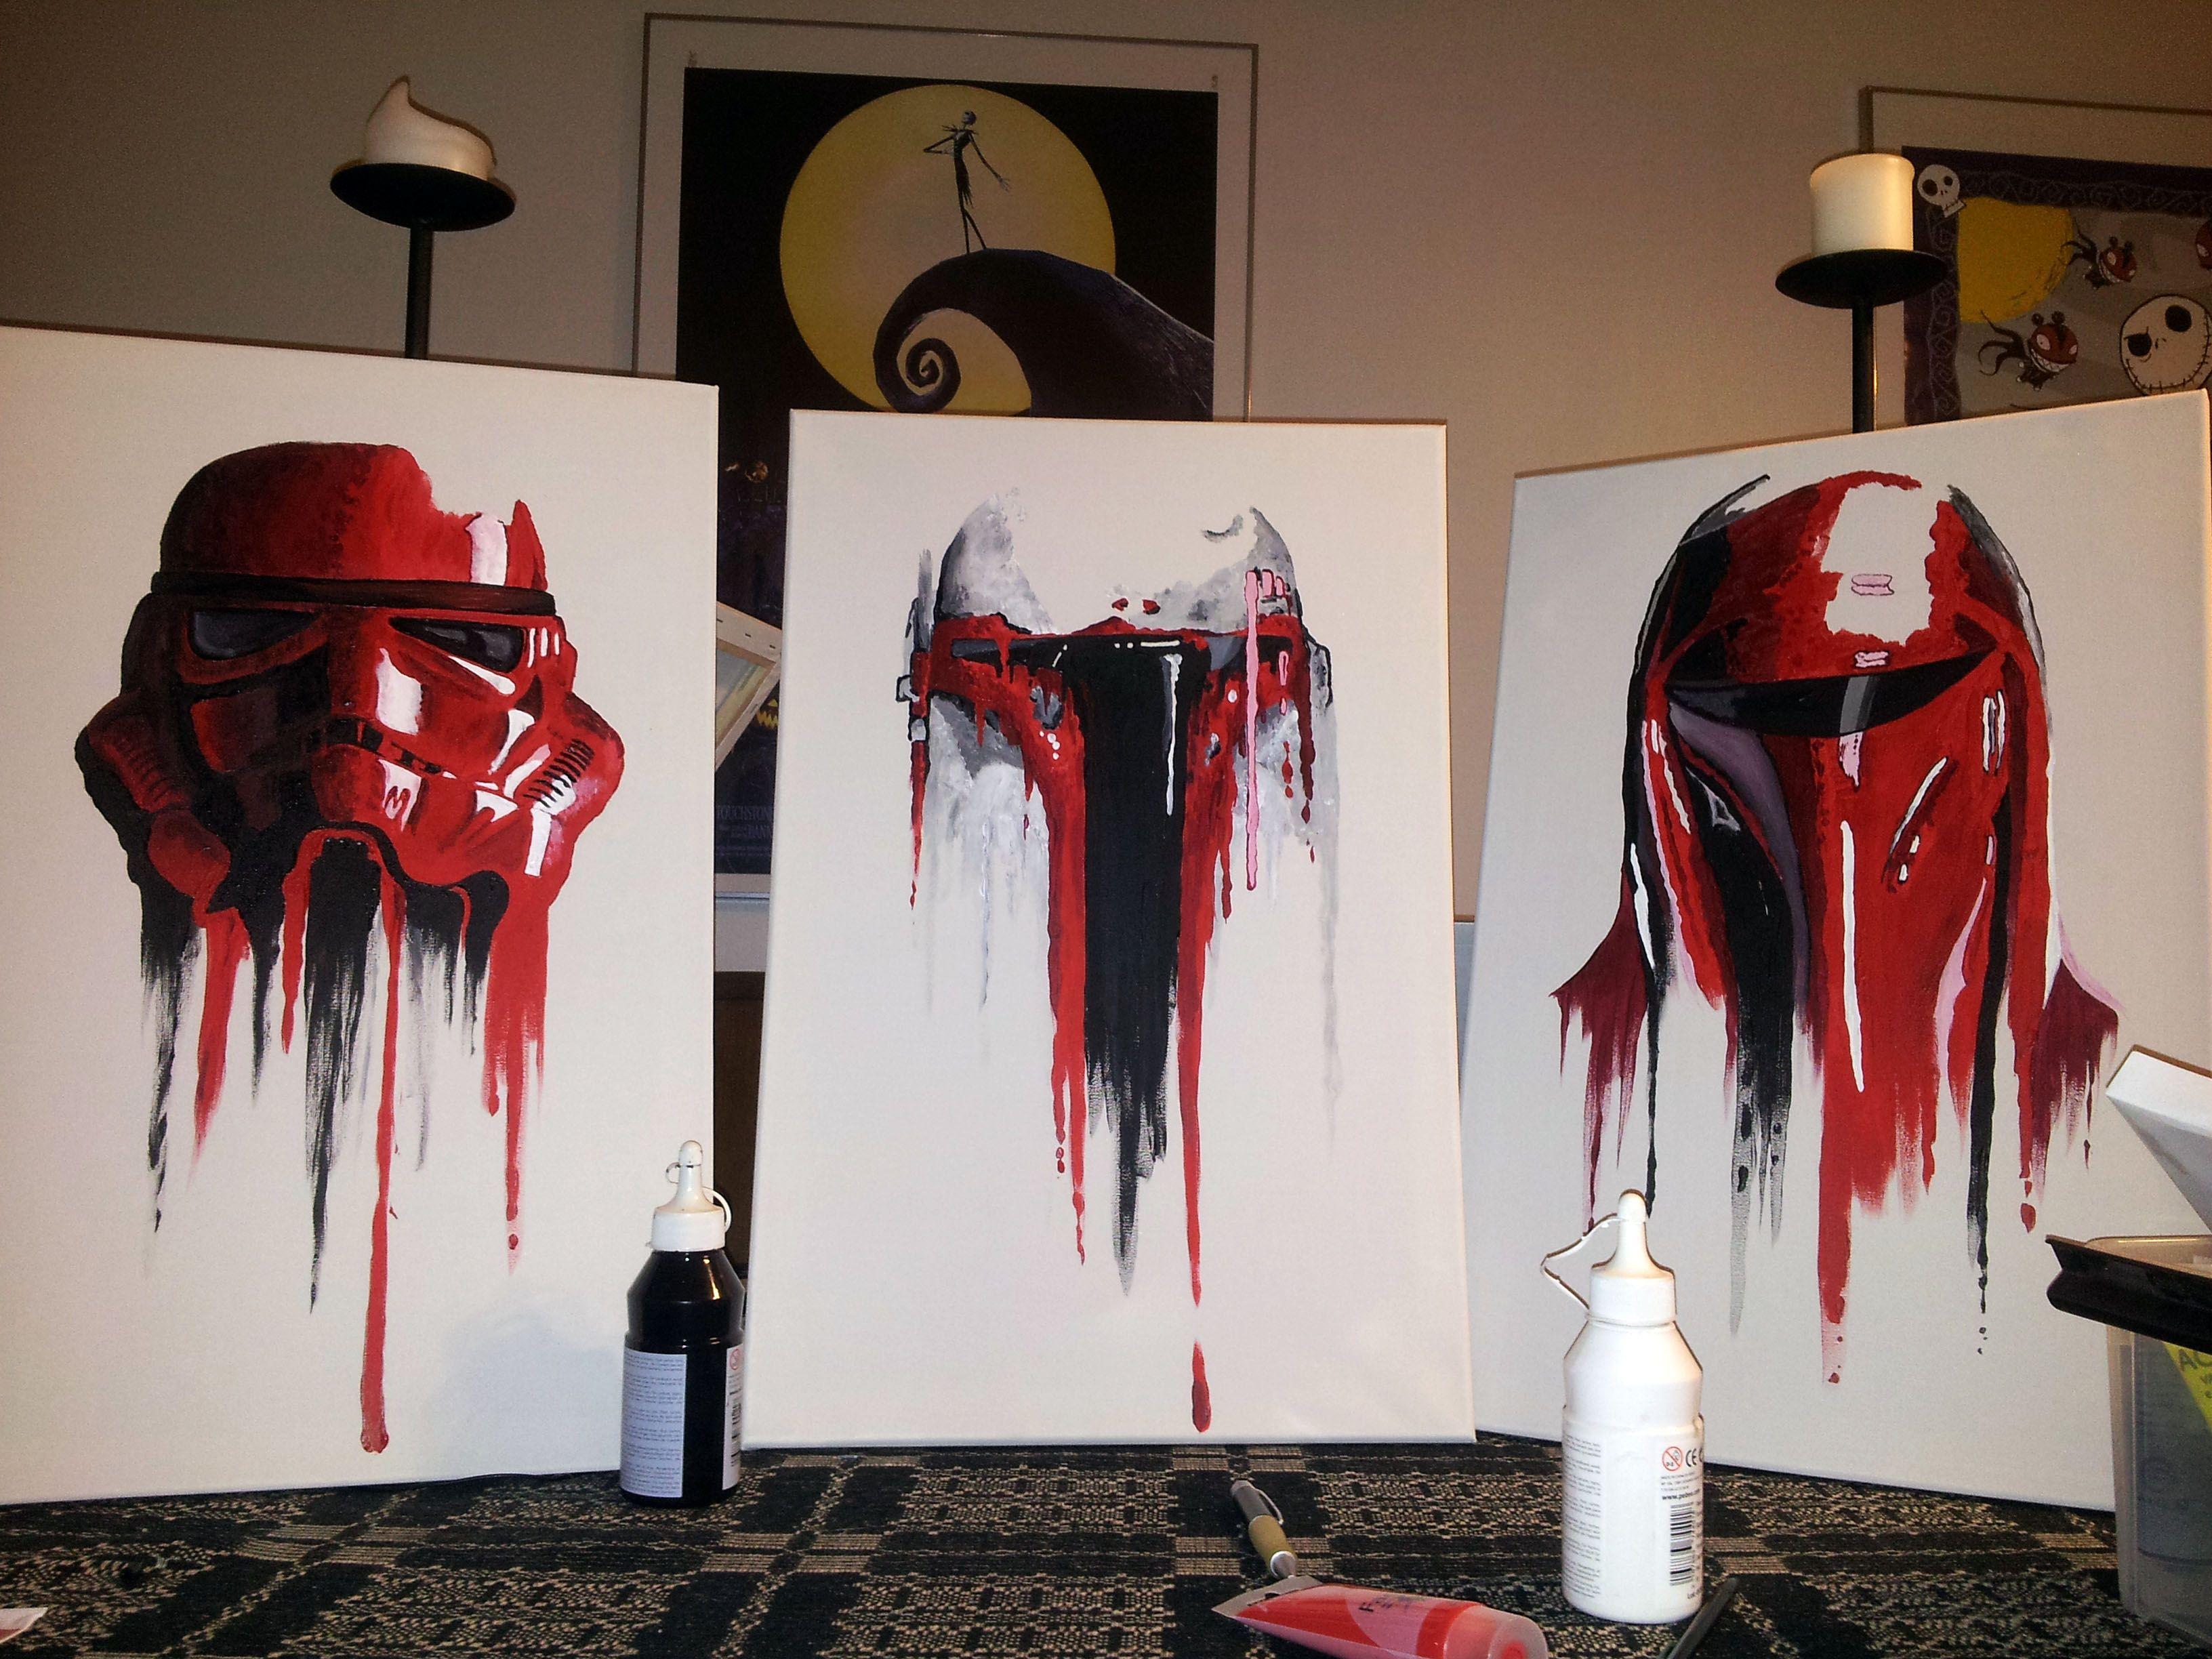 Procrastination in red leinwandbilder selber machen for Schattenbilder selber machen